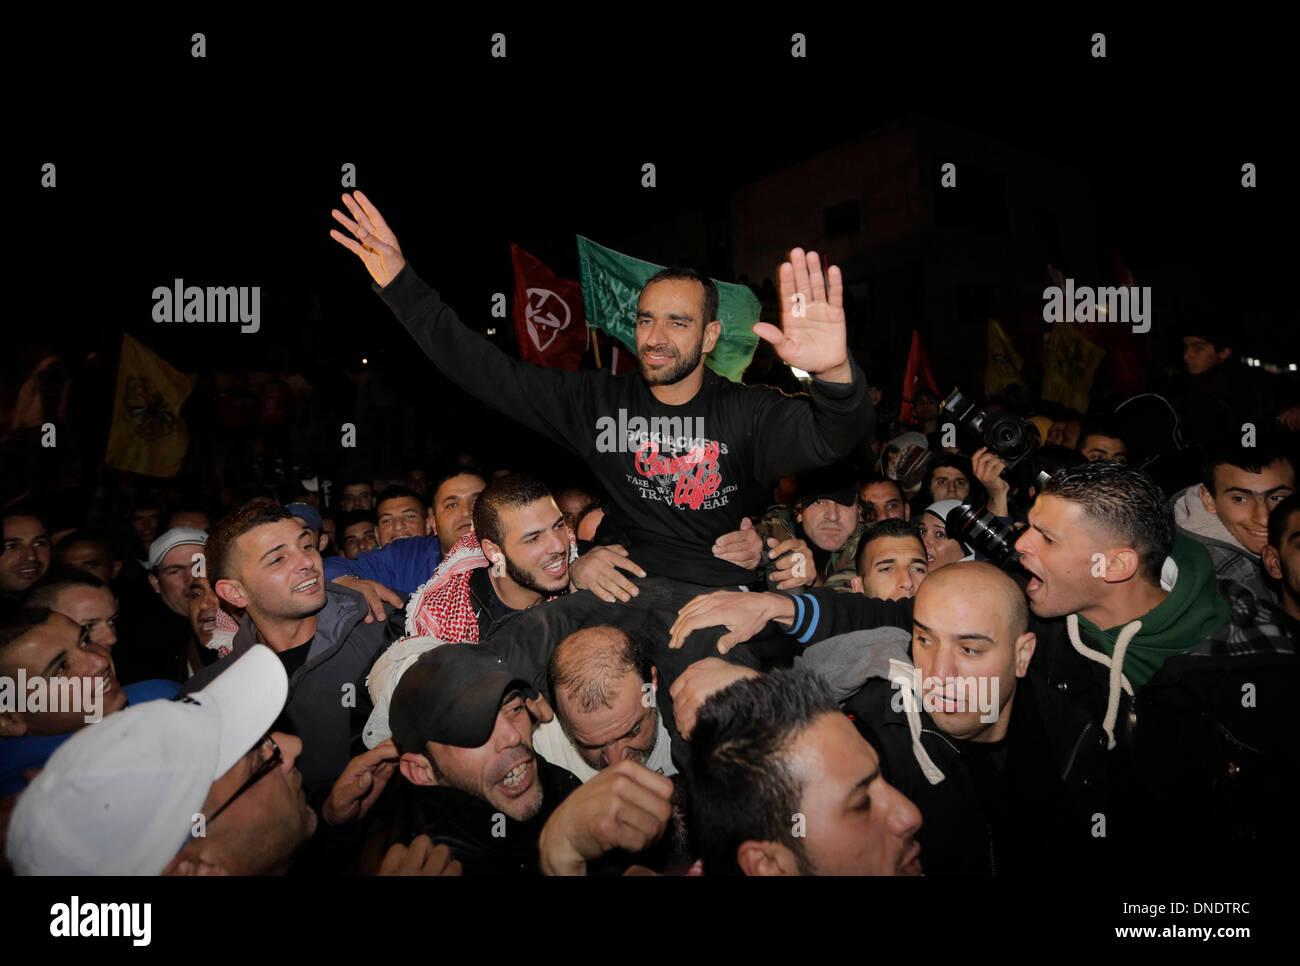 Gerusalemme. 23 Dic, 2013. Palestinesi portano rilasciato prigioniero palestinese Samer Essawi (C) come si celebra nella città Essaweyeh a Gerusalemme est, a Dic. 23, 2013. Le autorità israeliane lunedì rilasciato Samer Essawi, un prigioniero palestinese che è andato su il più lungo sciopero della fame contro Israele, dopo oltre 17 mesi di carcere, la sua famiglia ha detto ai giornalisti. Credito: Muammar Awad/Xinhua/Alamy Live News Immagini Stock